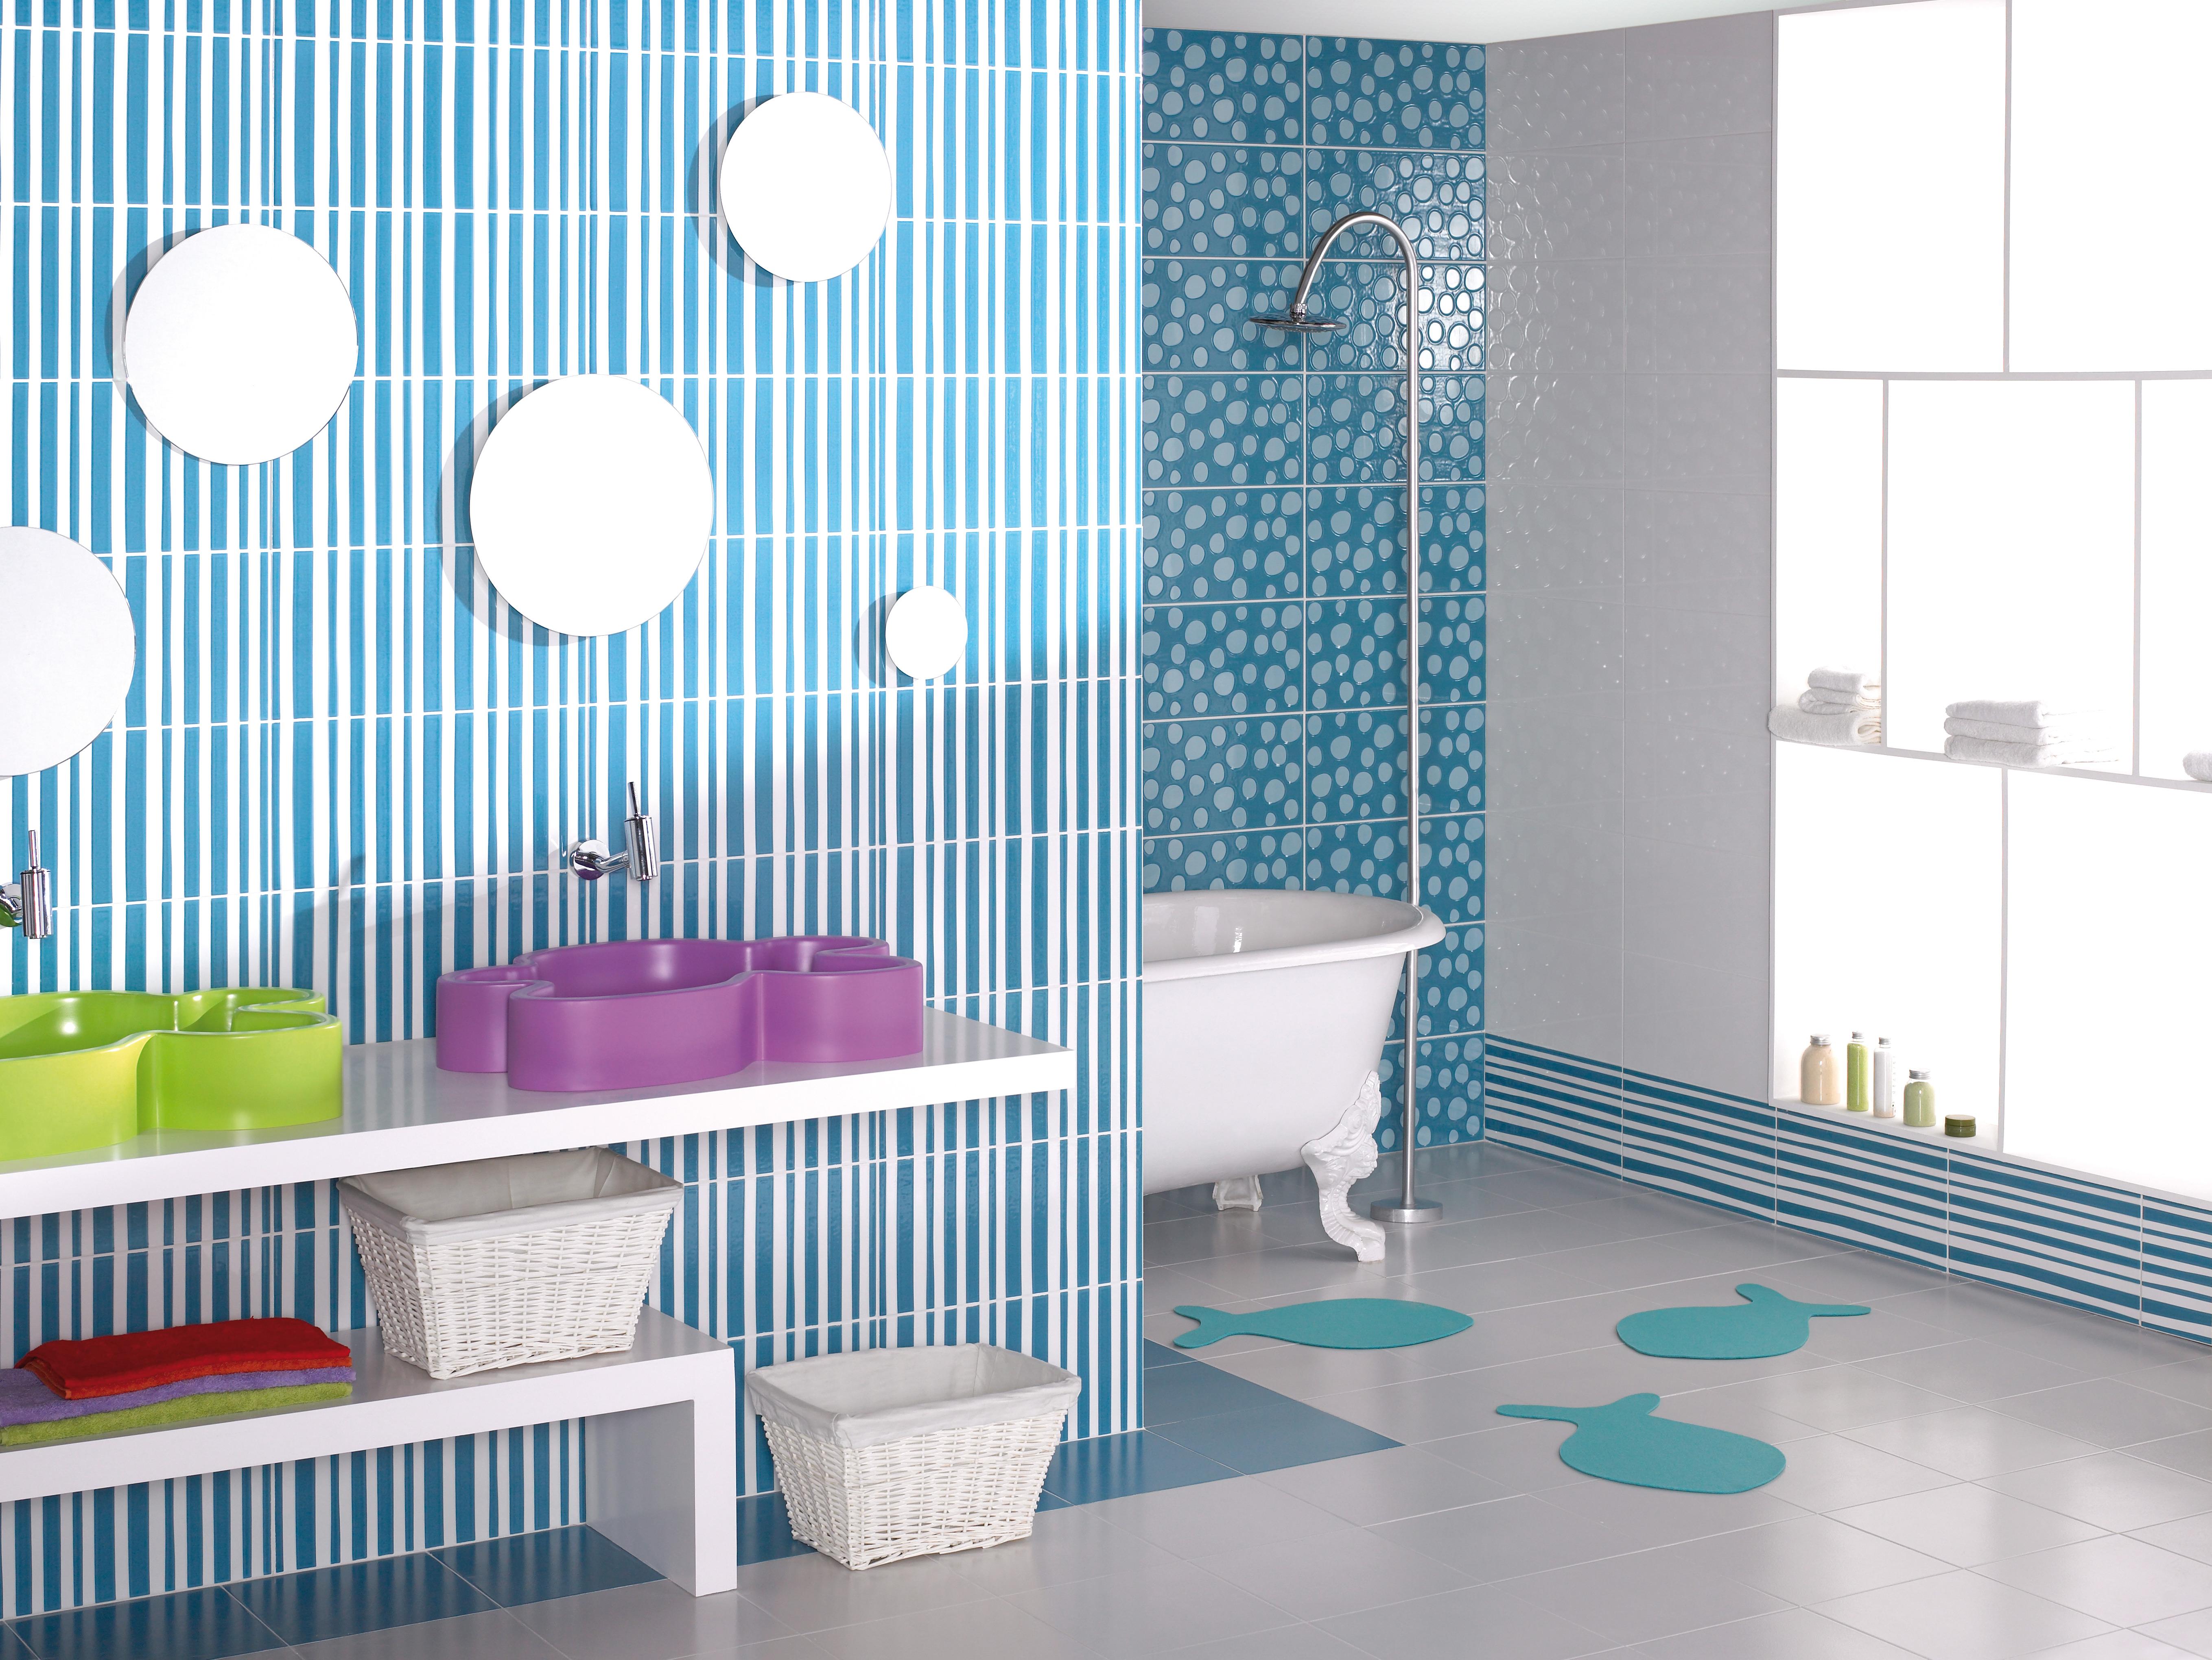 Colorful Bathroom Walls